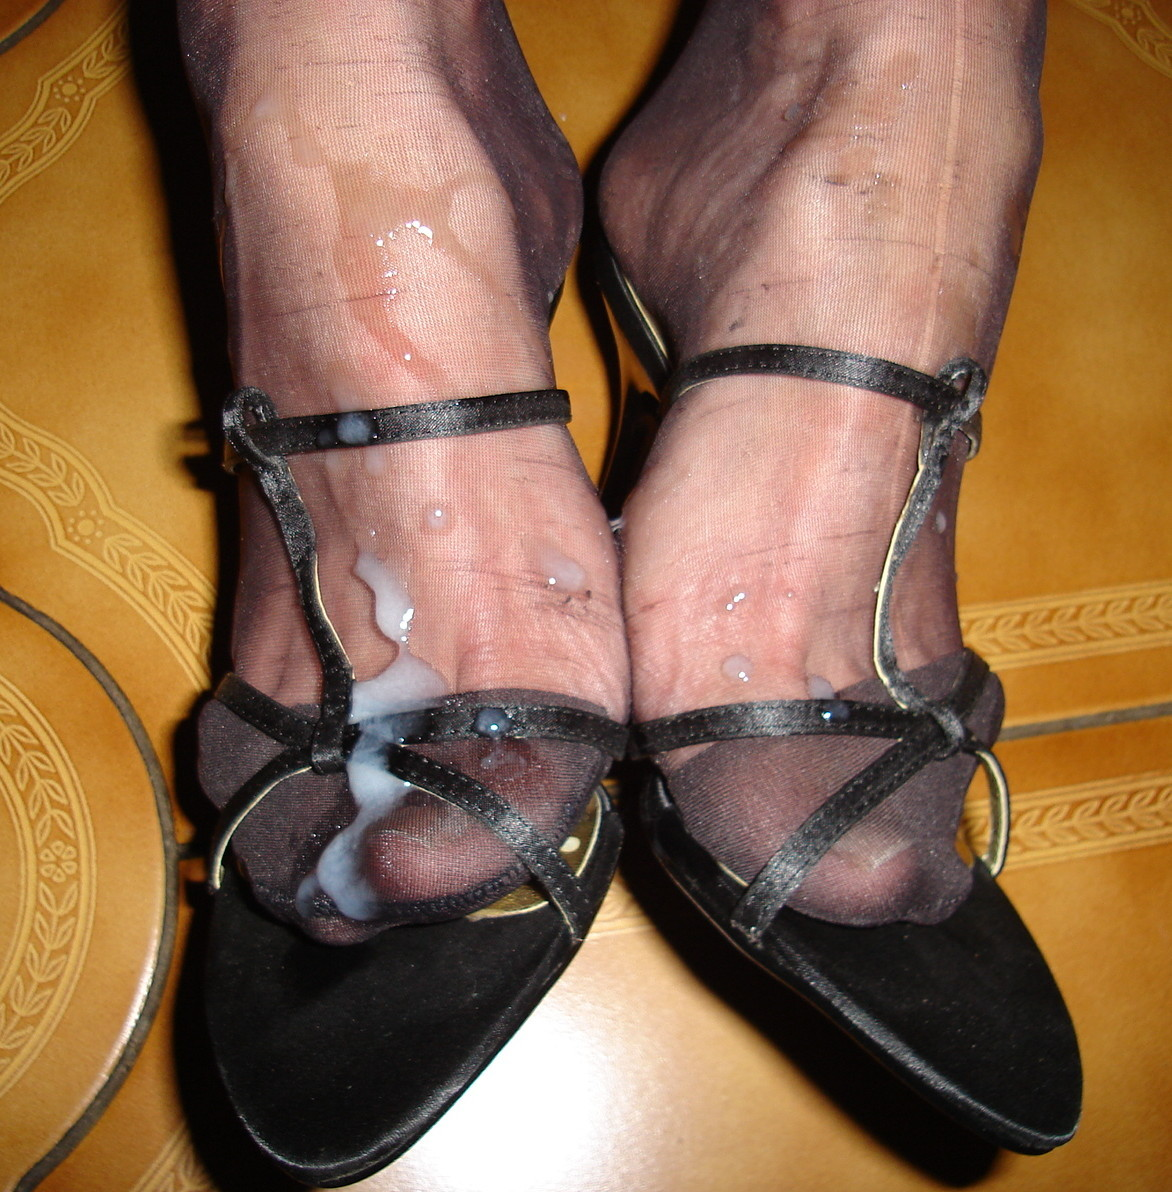 Сперма на ножках в обуви на каблуках - подборка 007